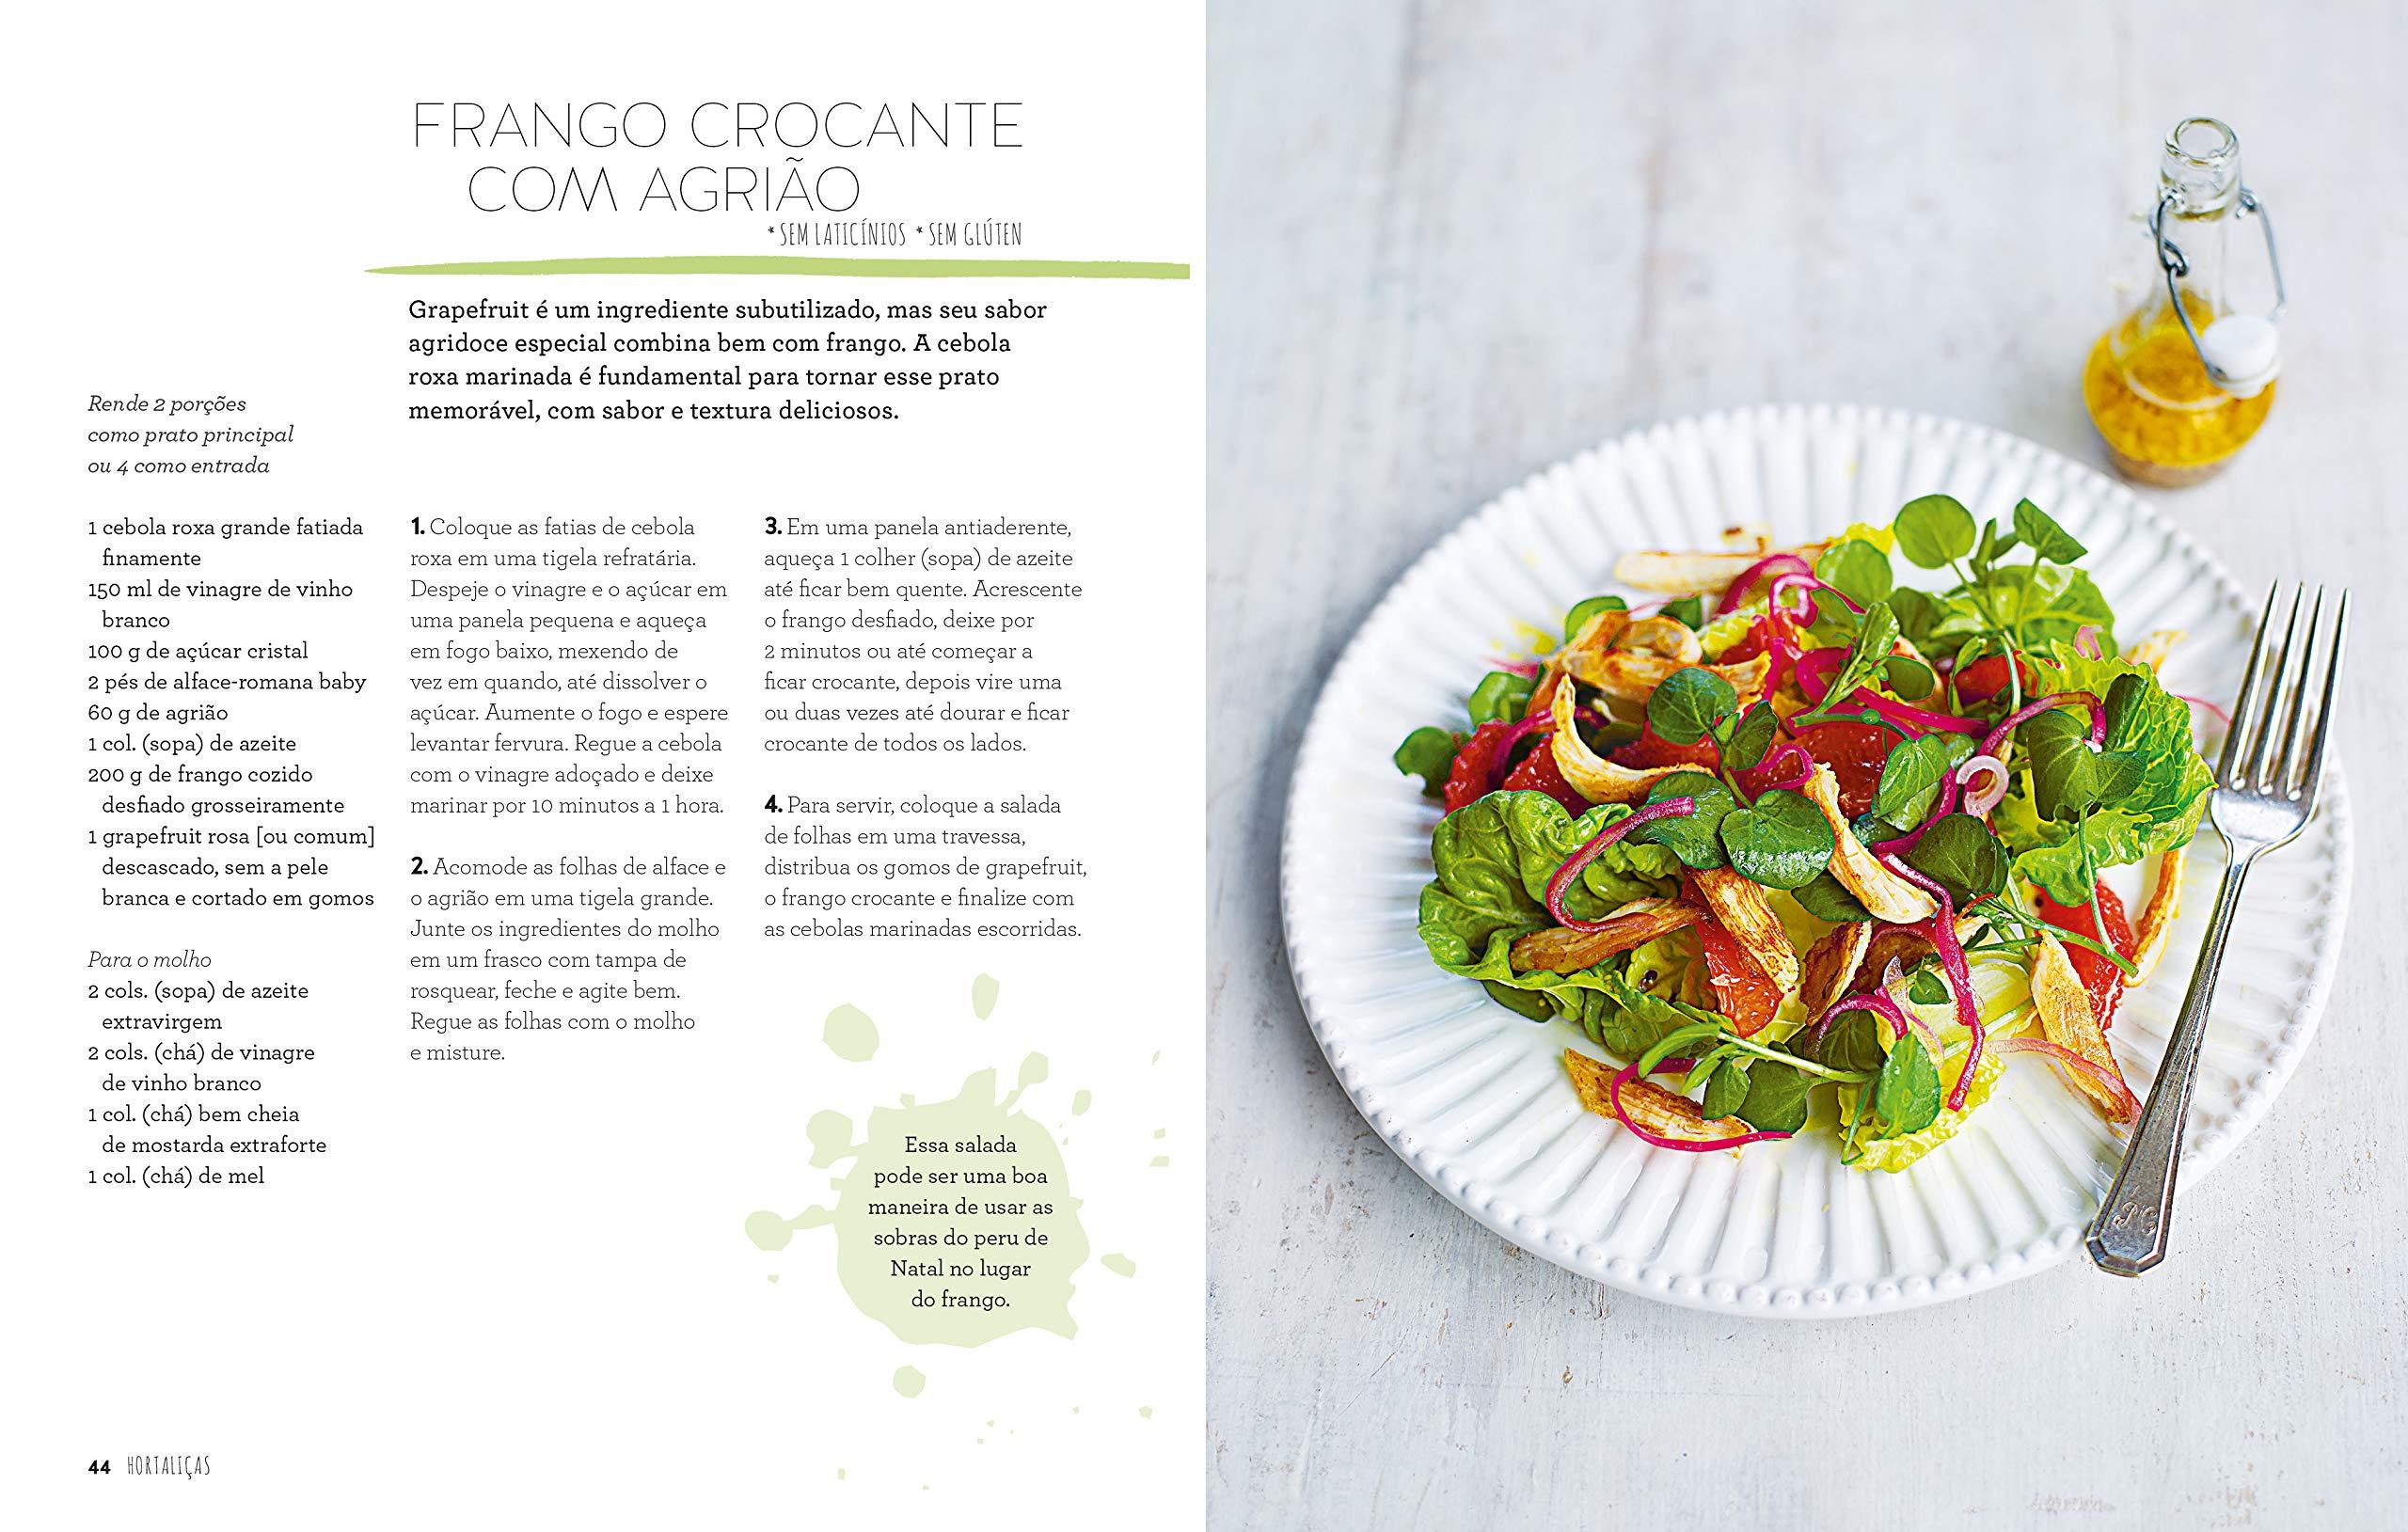 Os Beneficios das Hortalicas - 40 Receitas Incriveis para Reforcar a Alimentacao (Em Portugues do Brasil): Claire Rodgers: 9788568684856: Amazon.com: Books